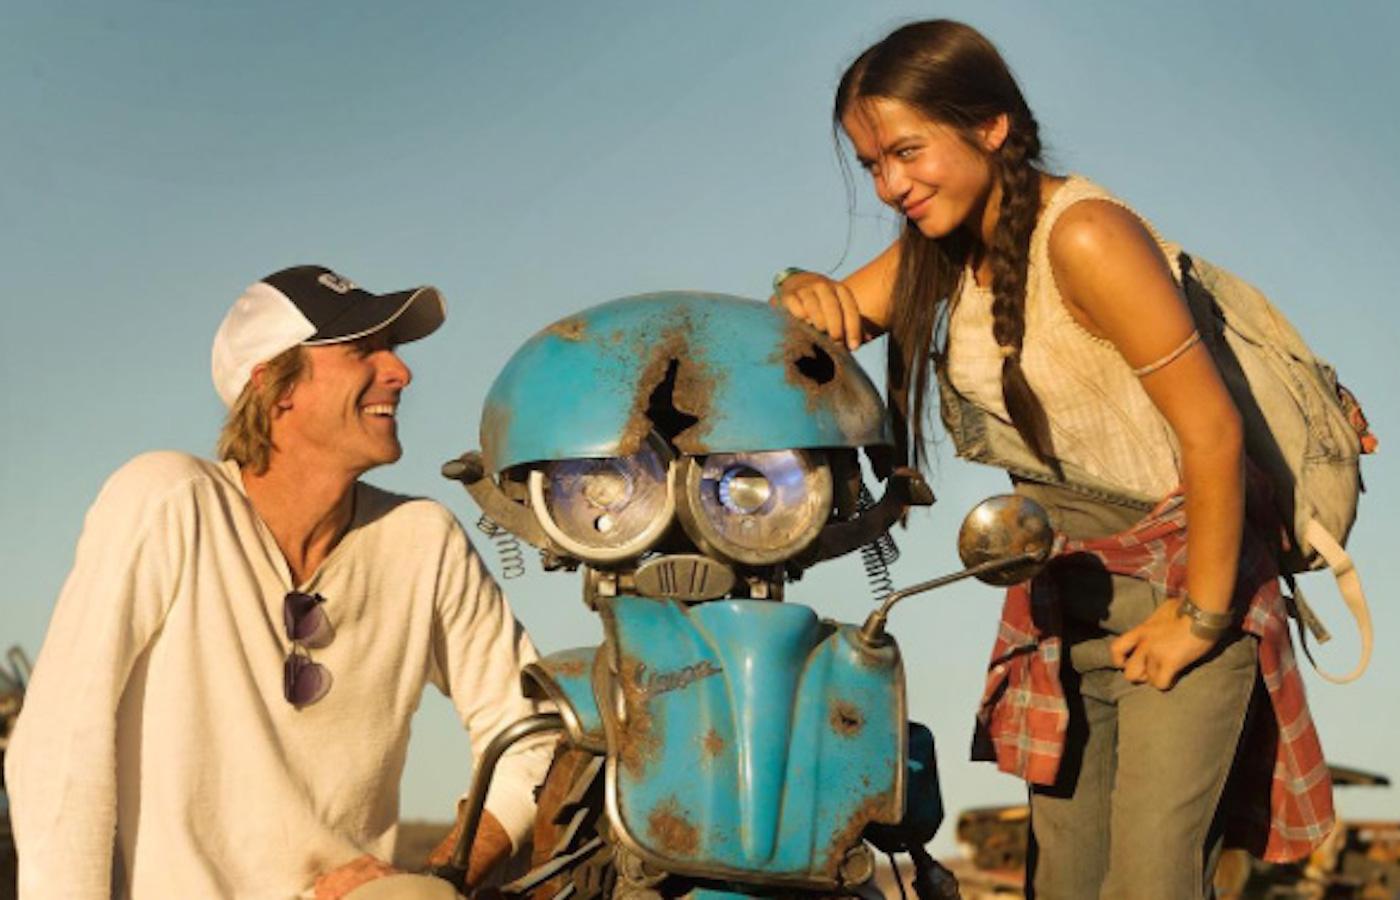 『トランスフォーマー5』に登場するジャンクロボット「スクイークス」の画像が解禁!